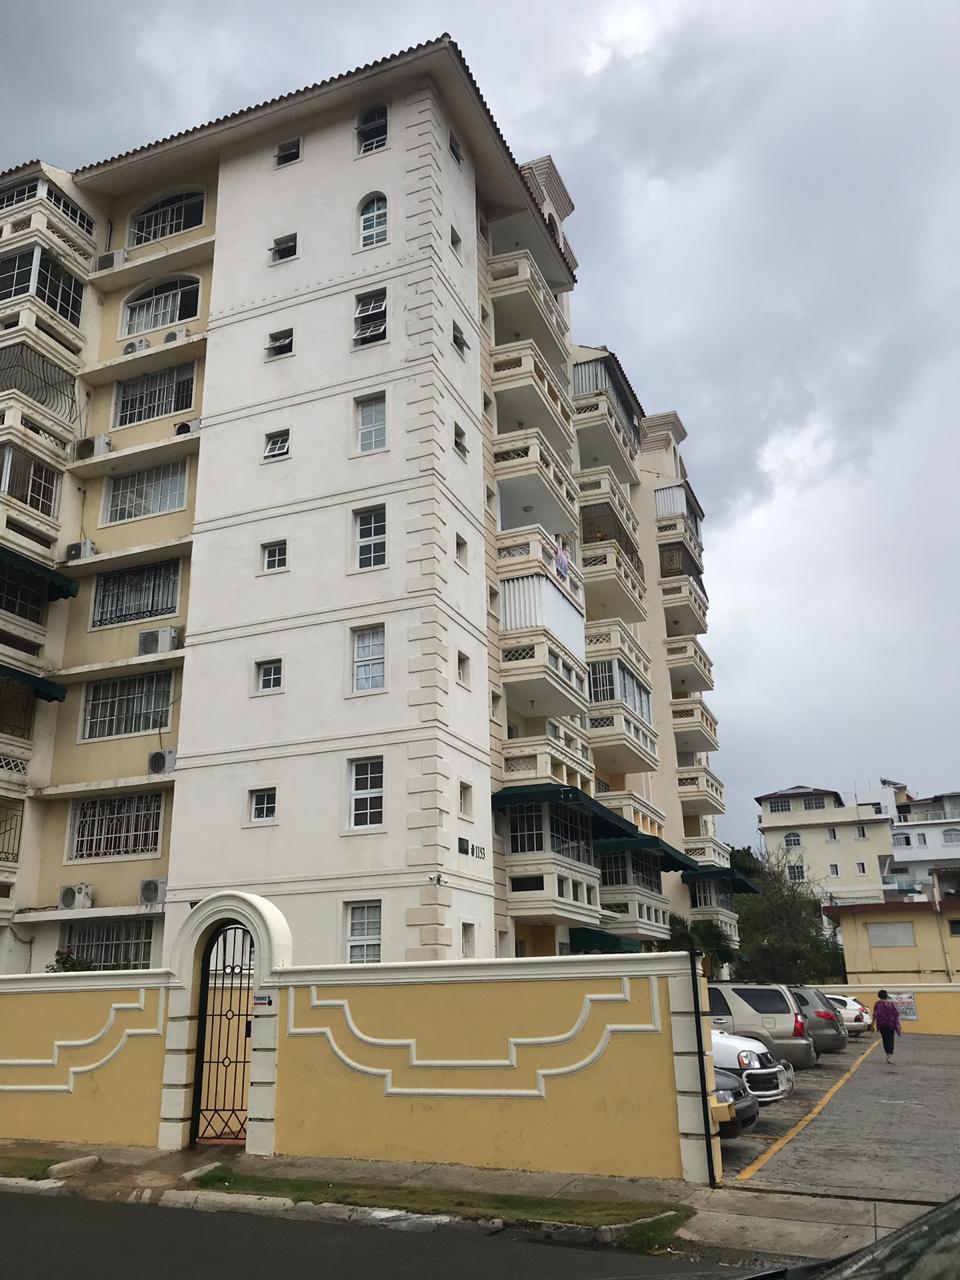 Apartamento en venta en el sector ZONA UNIVERSITARIA precio US$ 79,500.00 US$79,500